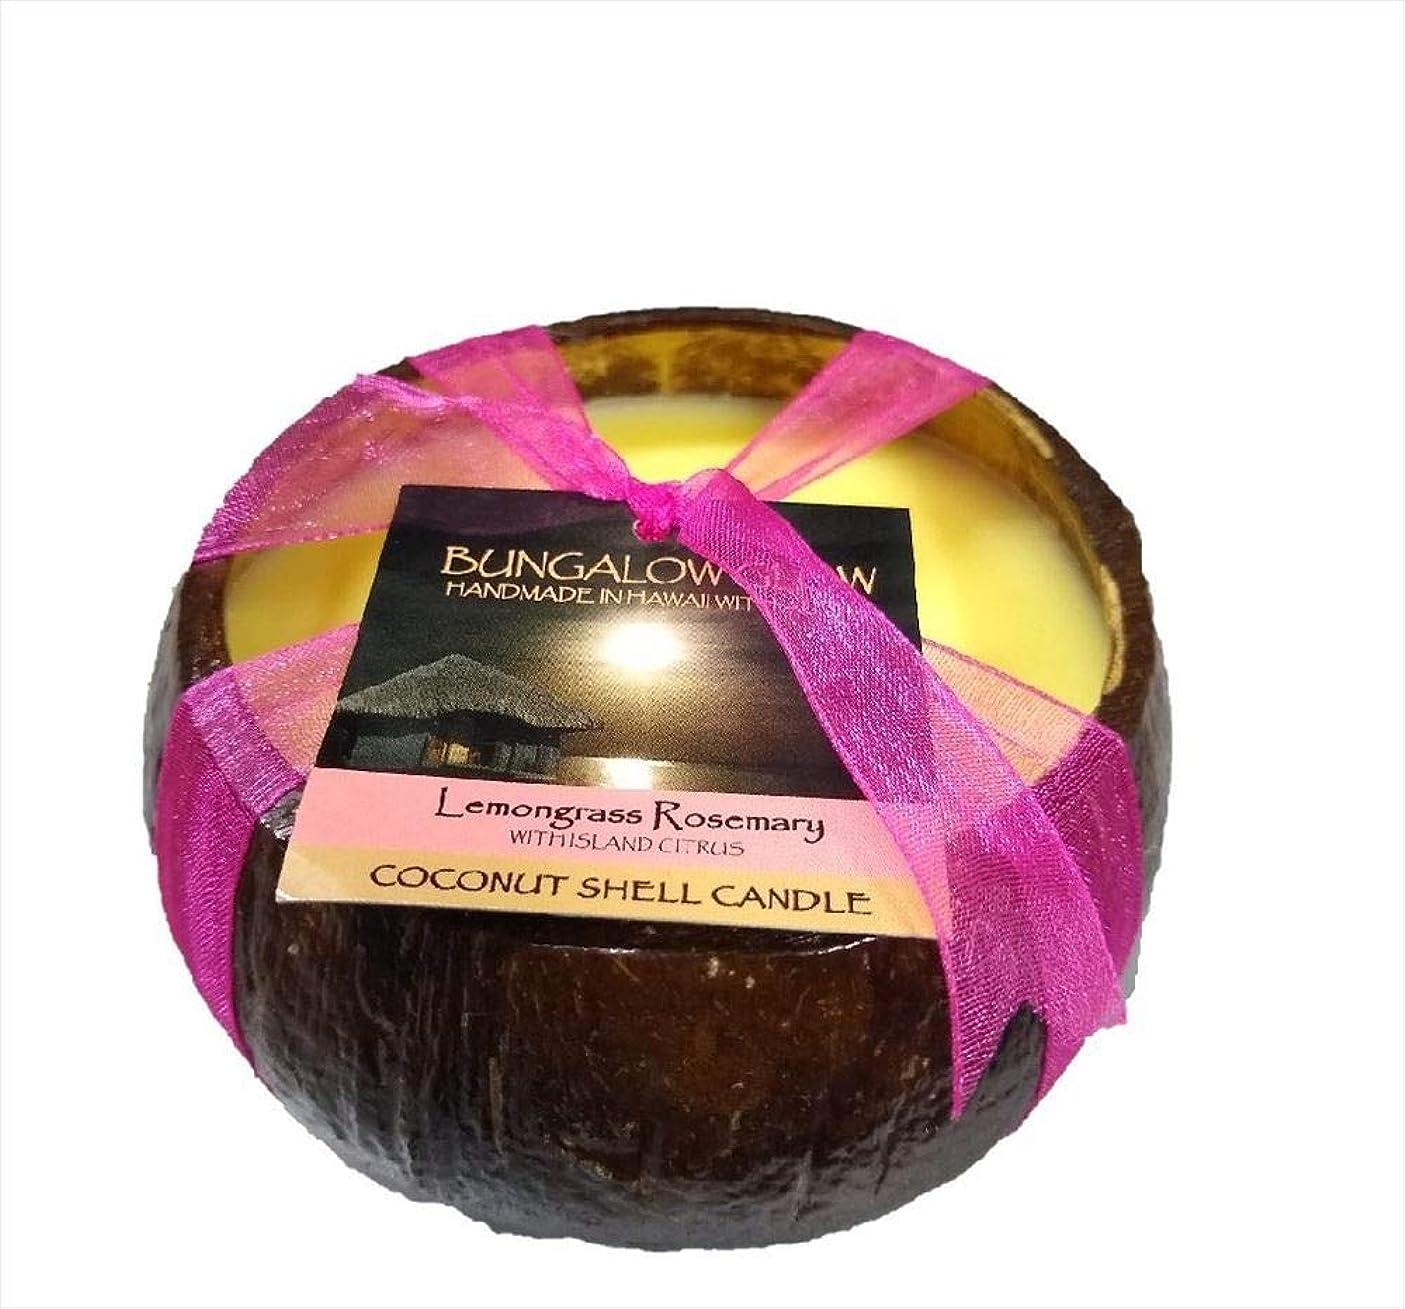 ダニトレイコーナー【正規輸入品】 バブルシャック?ハワイ Bubble shack Coconut Shell candle ココナッツシェルキャンドル lemongrass rosemary レモングラスローズマリー 500g